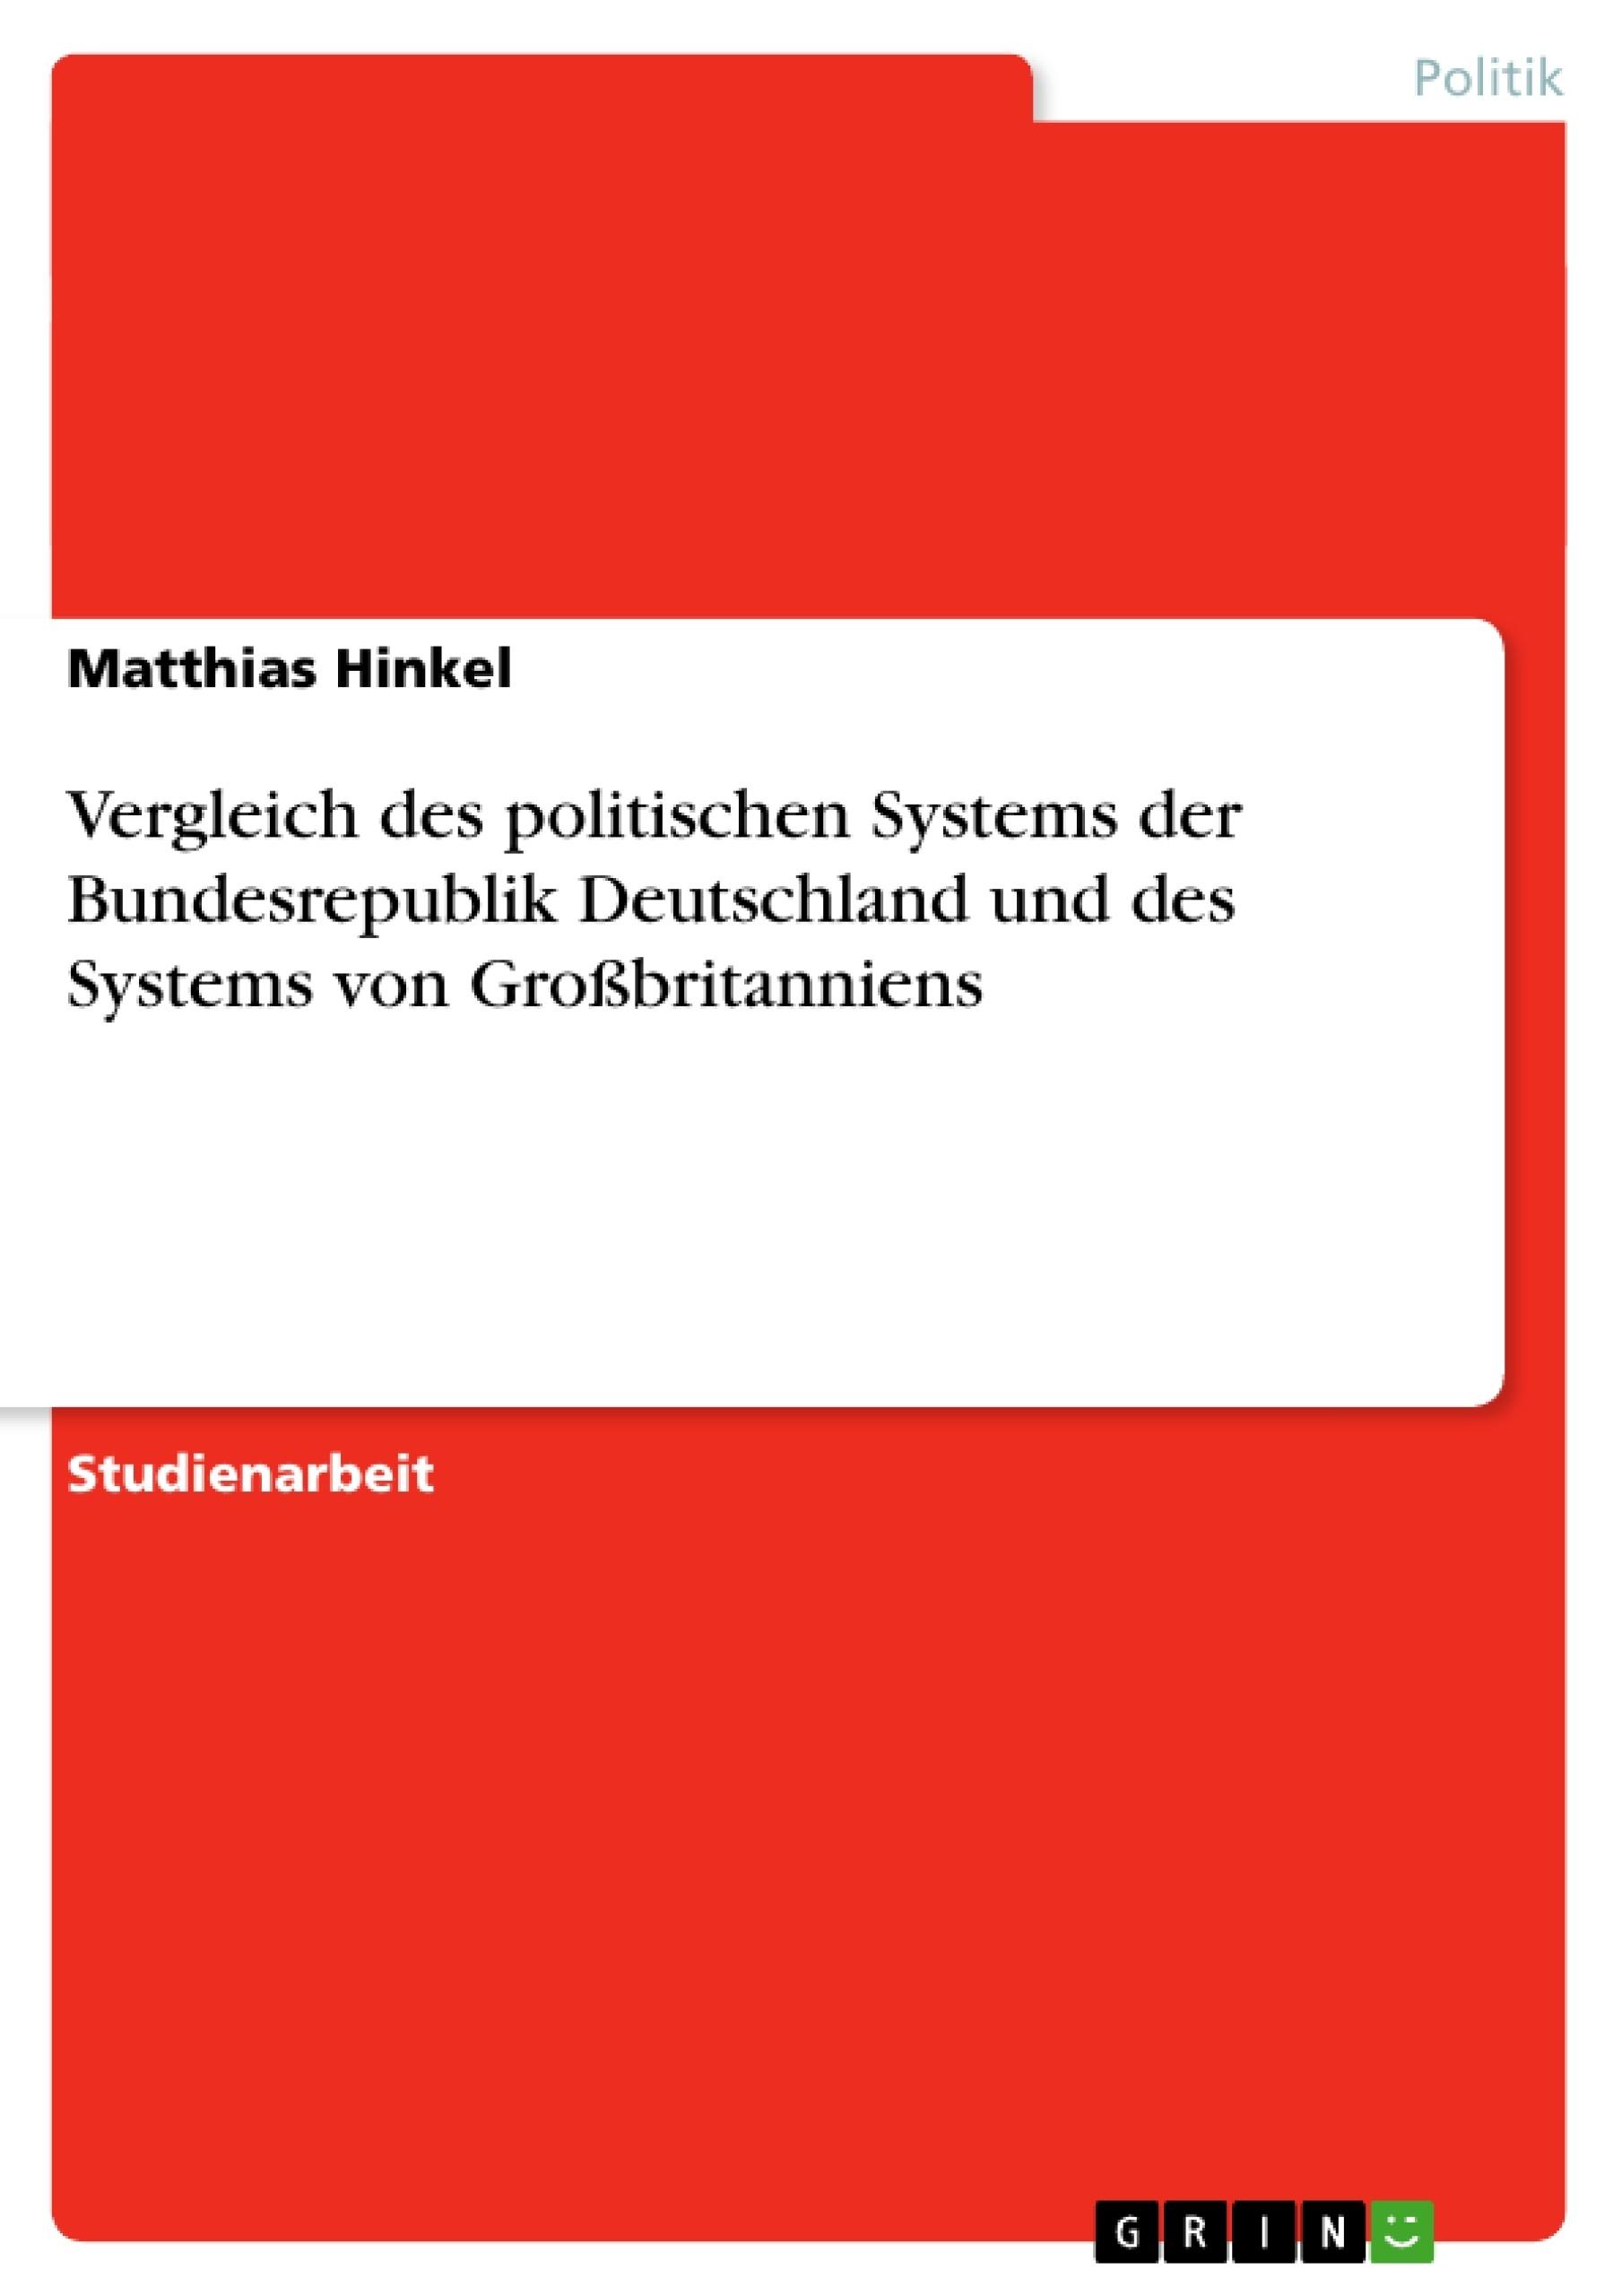 Titel: Vergleich des politischen Systems der Bundesrepublik Deutschland und des Systems von Großbritanniens